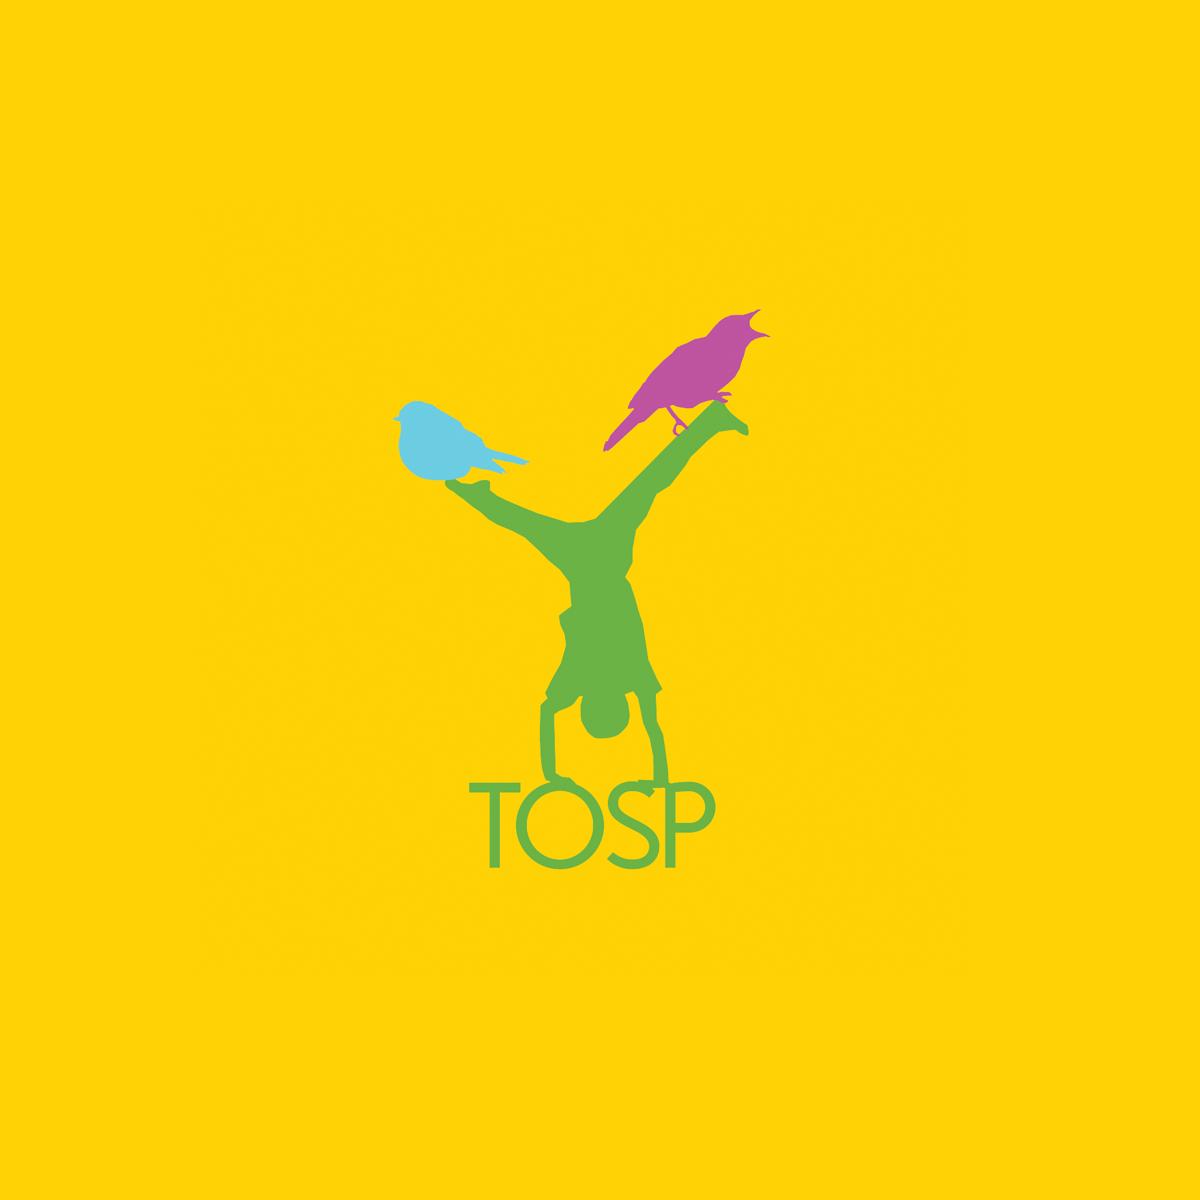 TOSP LOGO Y BACK